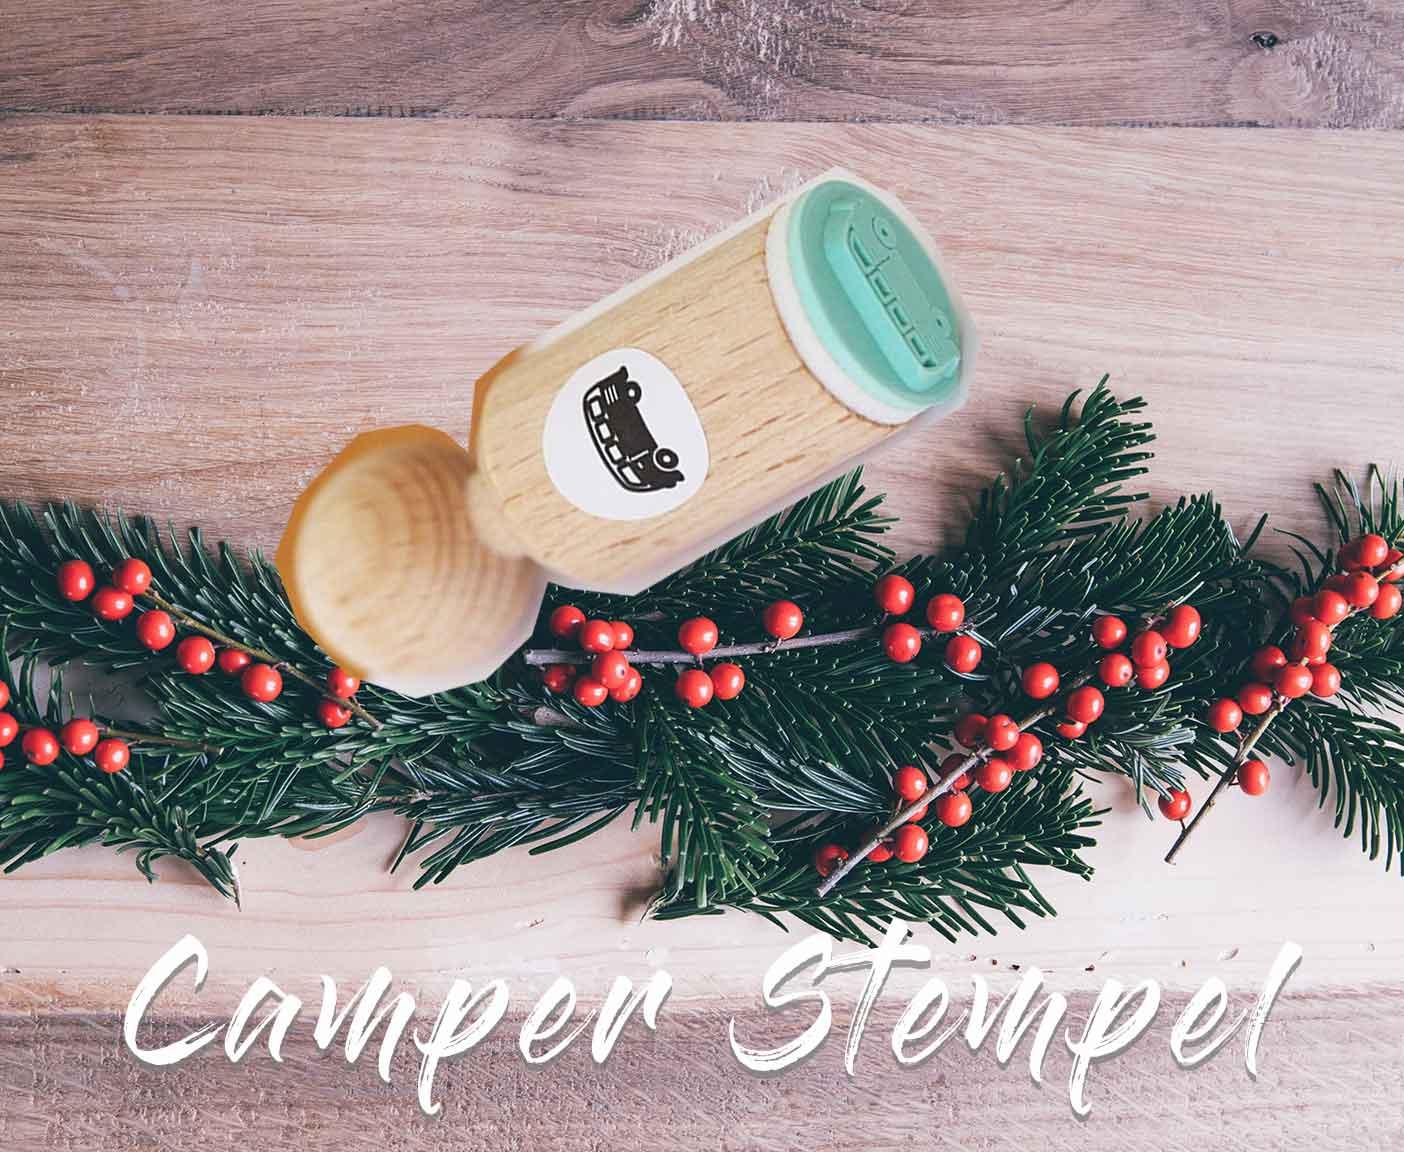 camper-geschenk-weihnachten-geschenkideen-wohnmobil-lustige-accessoires-geschenkkorb-camping-ideen-campen-geburtstag-camp-geschichten-vanlife-1CamperStempel_16